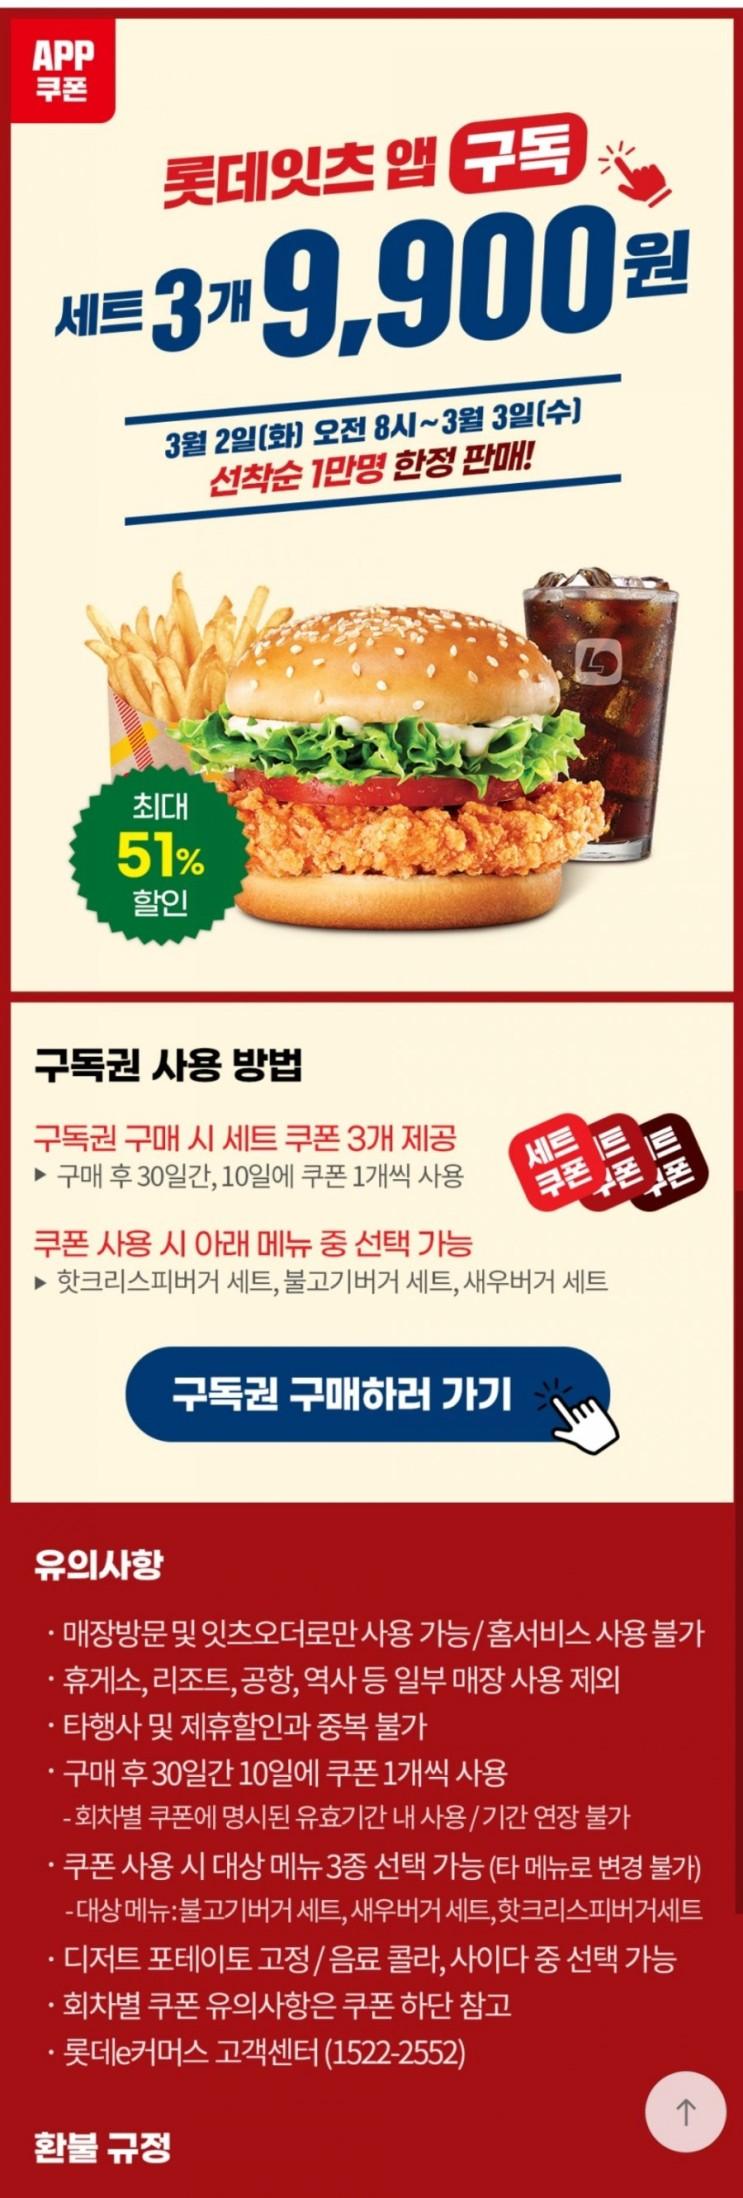 [롯데리아] 롯데잇츠 앱 구독/햄버거 세트 3개 가격 9,900원